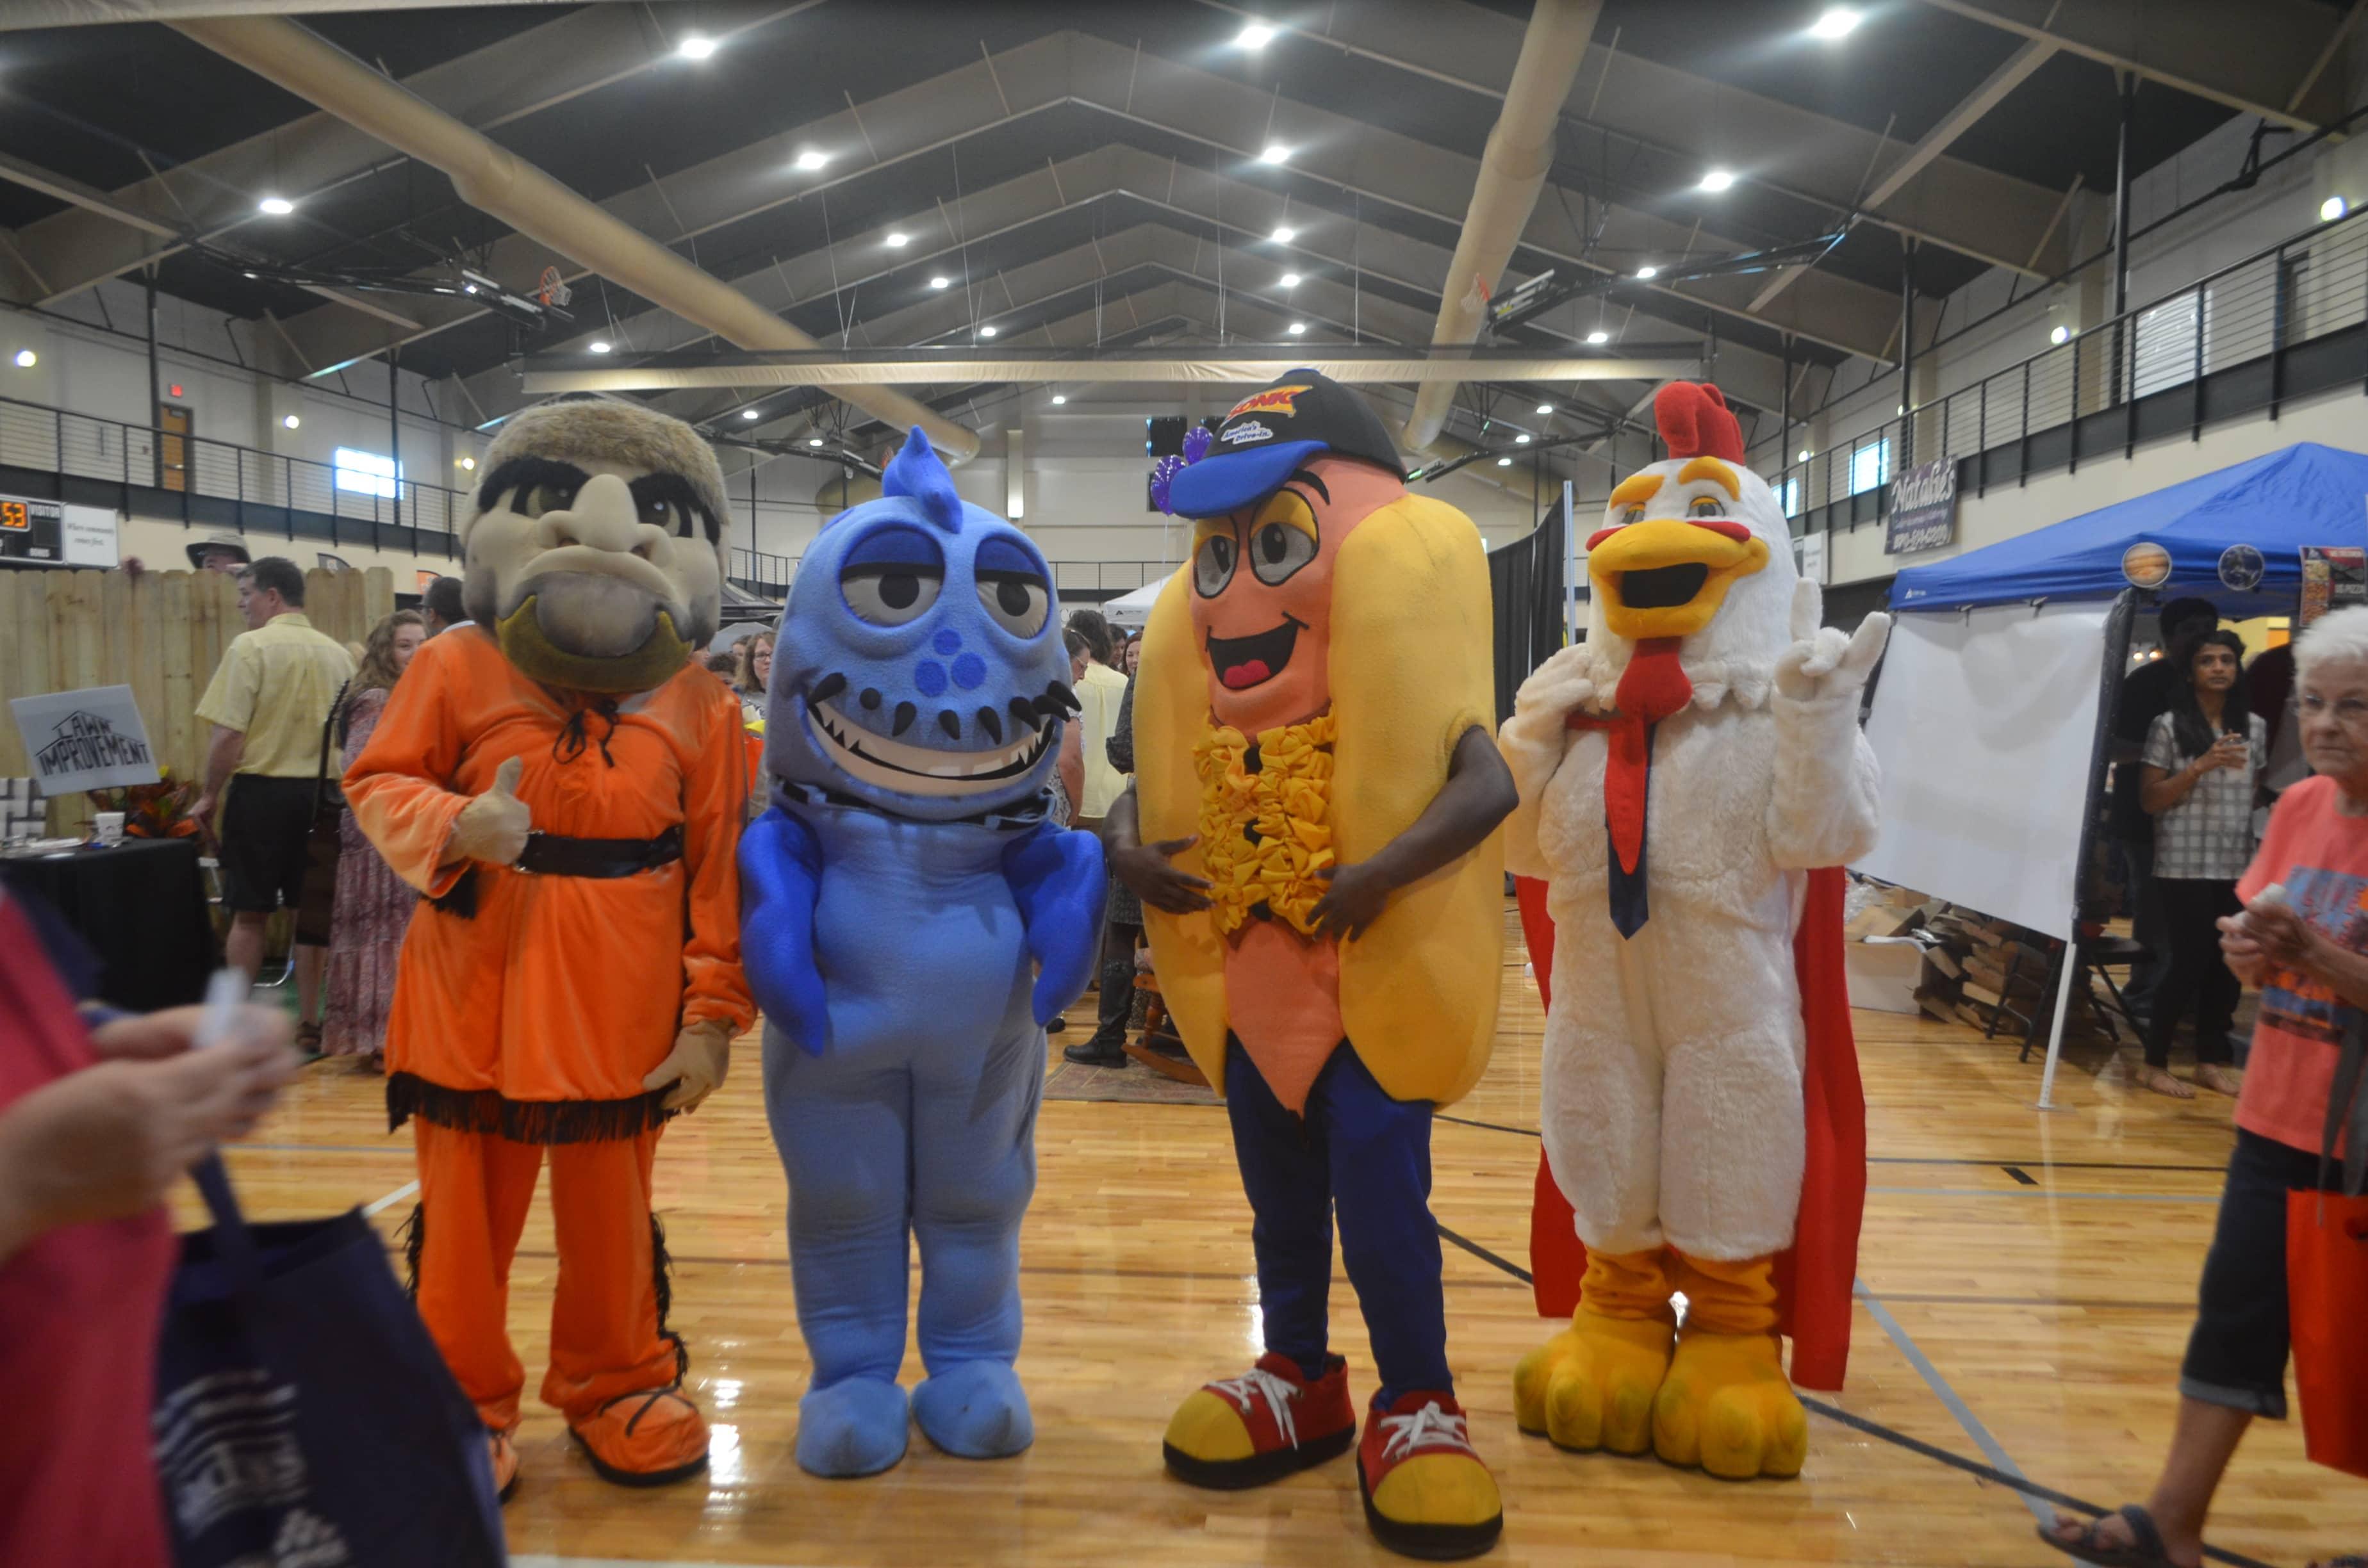 Expo mascots